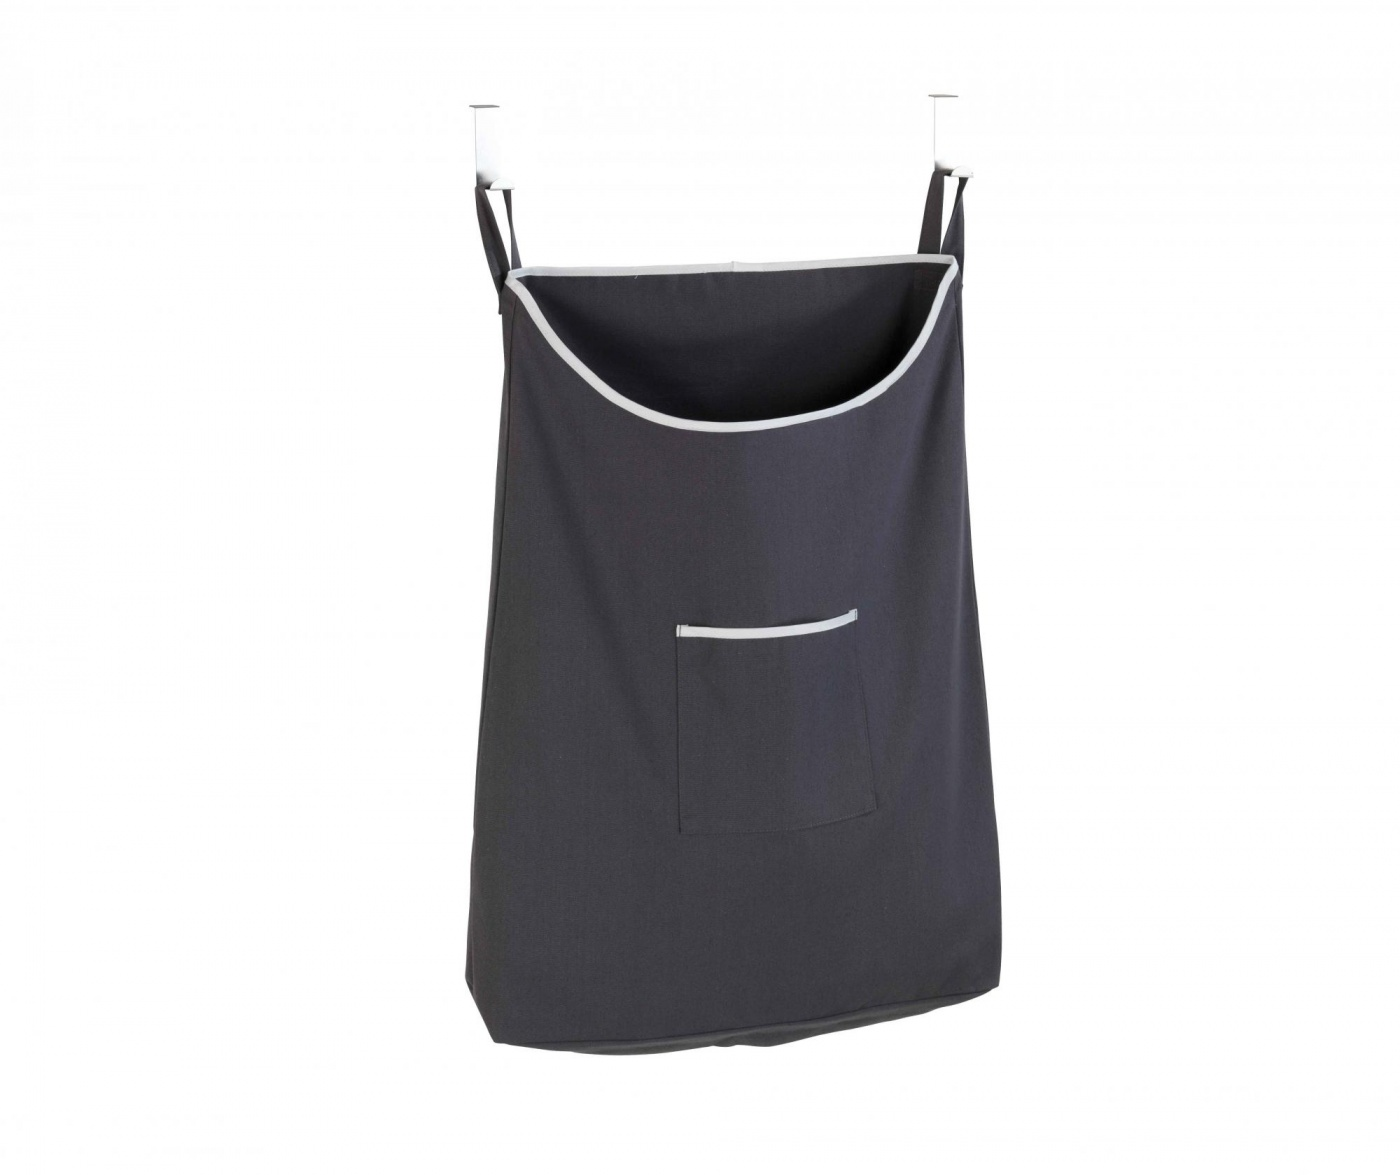 Zestaw 2 wieszaki i  torba na pranie Canguro Grey 65 L